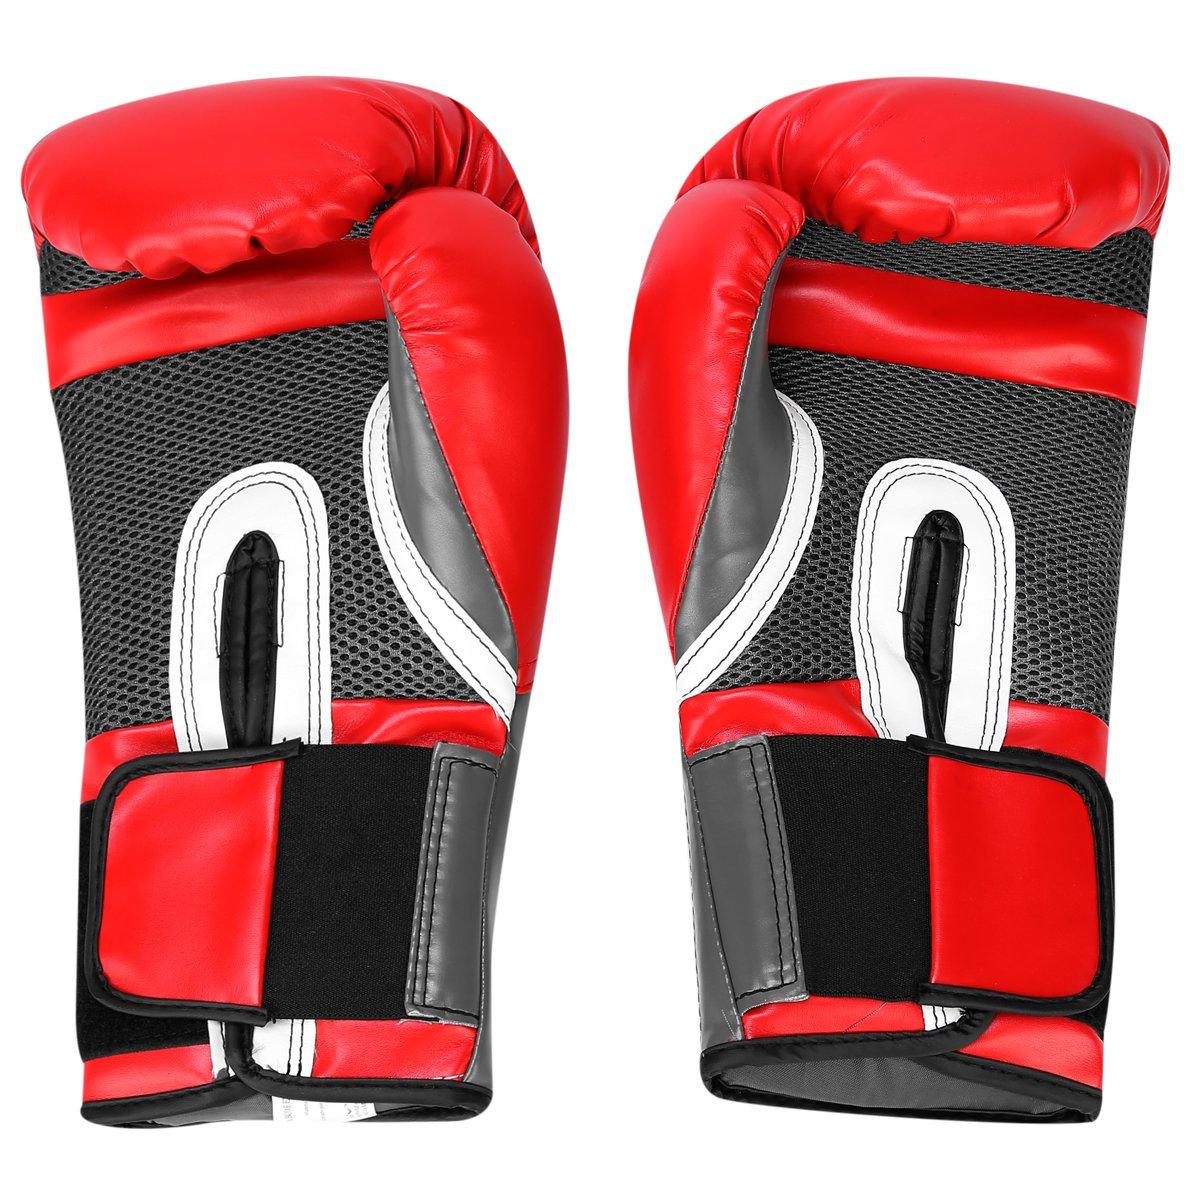 ... Kit Luva de Boxe Muay Thai Everlast Pro Style - 16 oz + Bandagem  Elástica dc8aafb782798